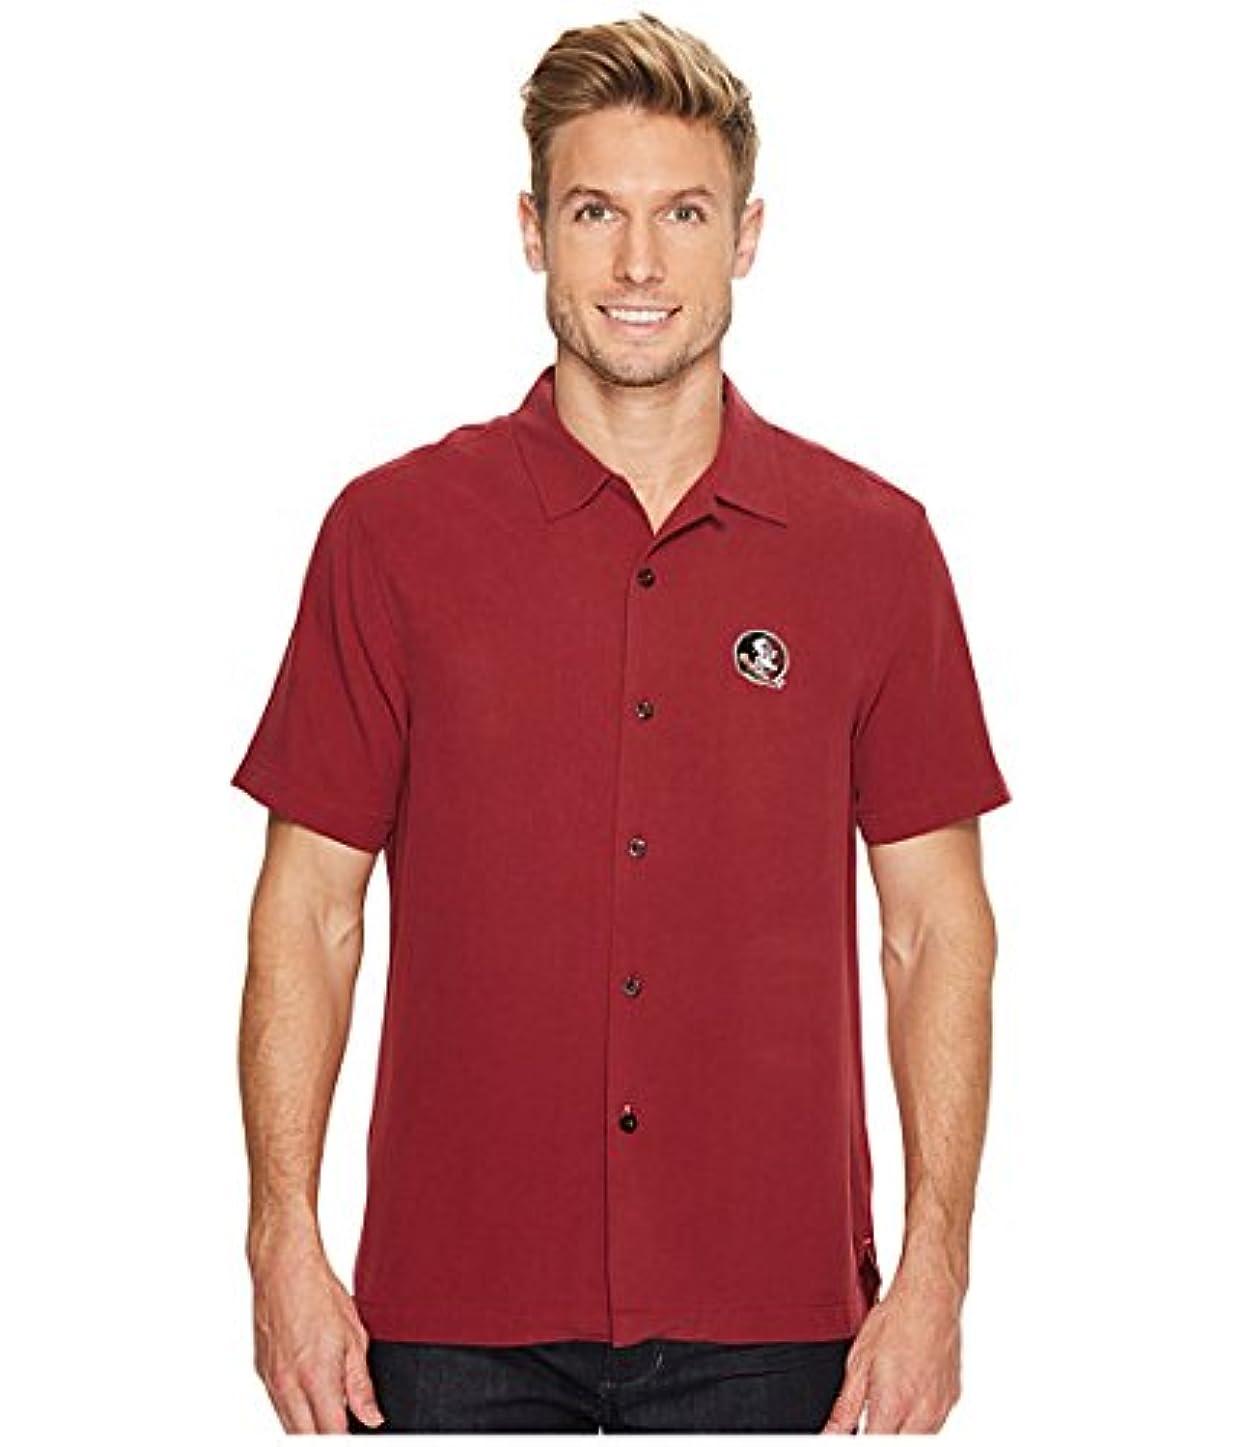 ソロ説明的一族(トミーバハマ)Tommy Bahama メンズシャツ?ワイシャツ Collegiate Series Catalina Twill Florida State University 3XL 3XL [並行輸入品]